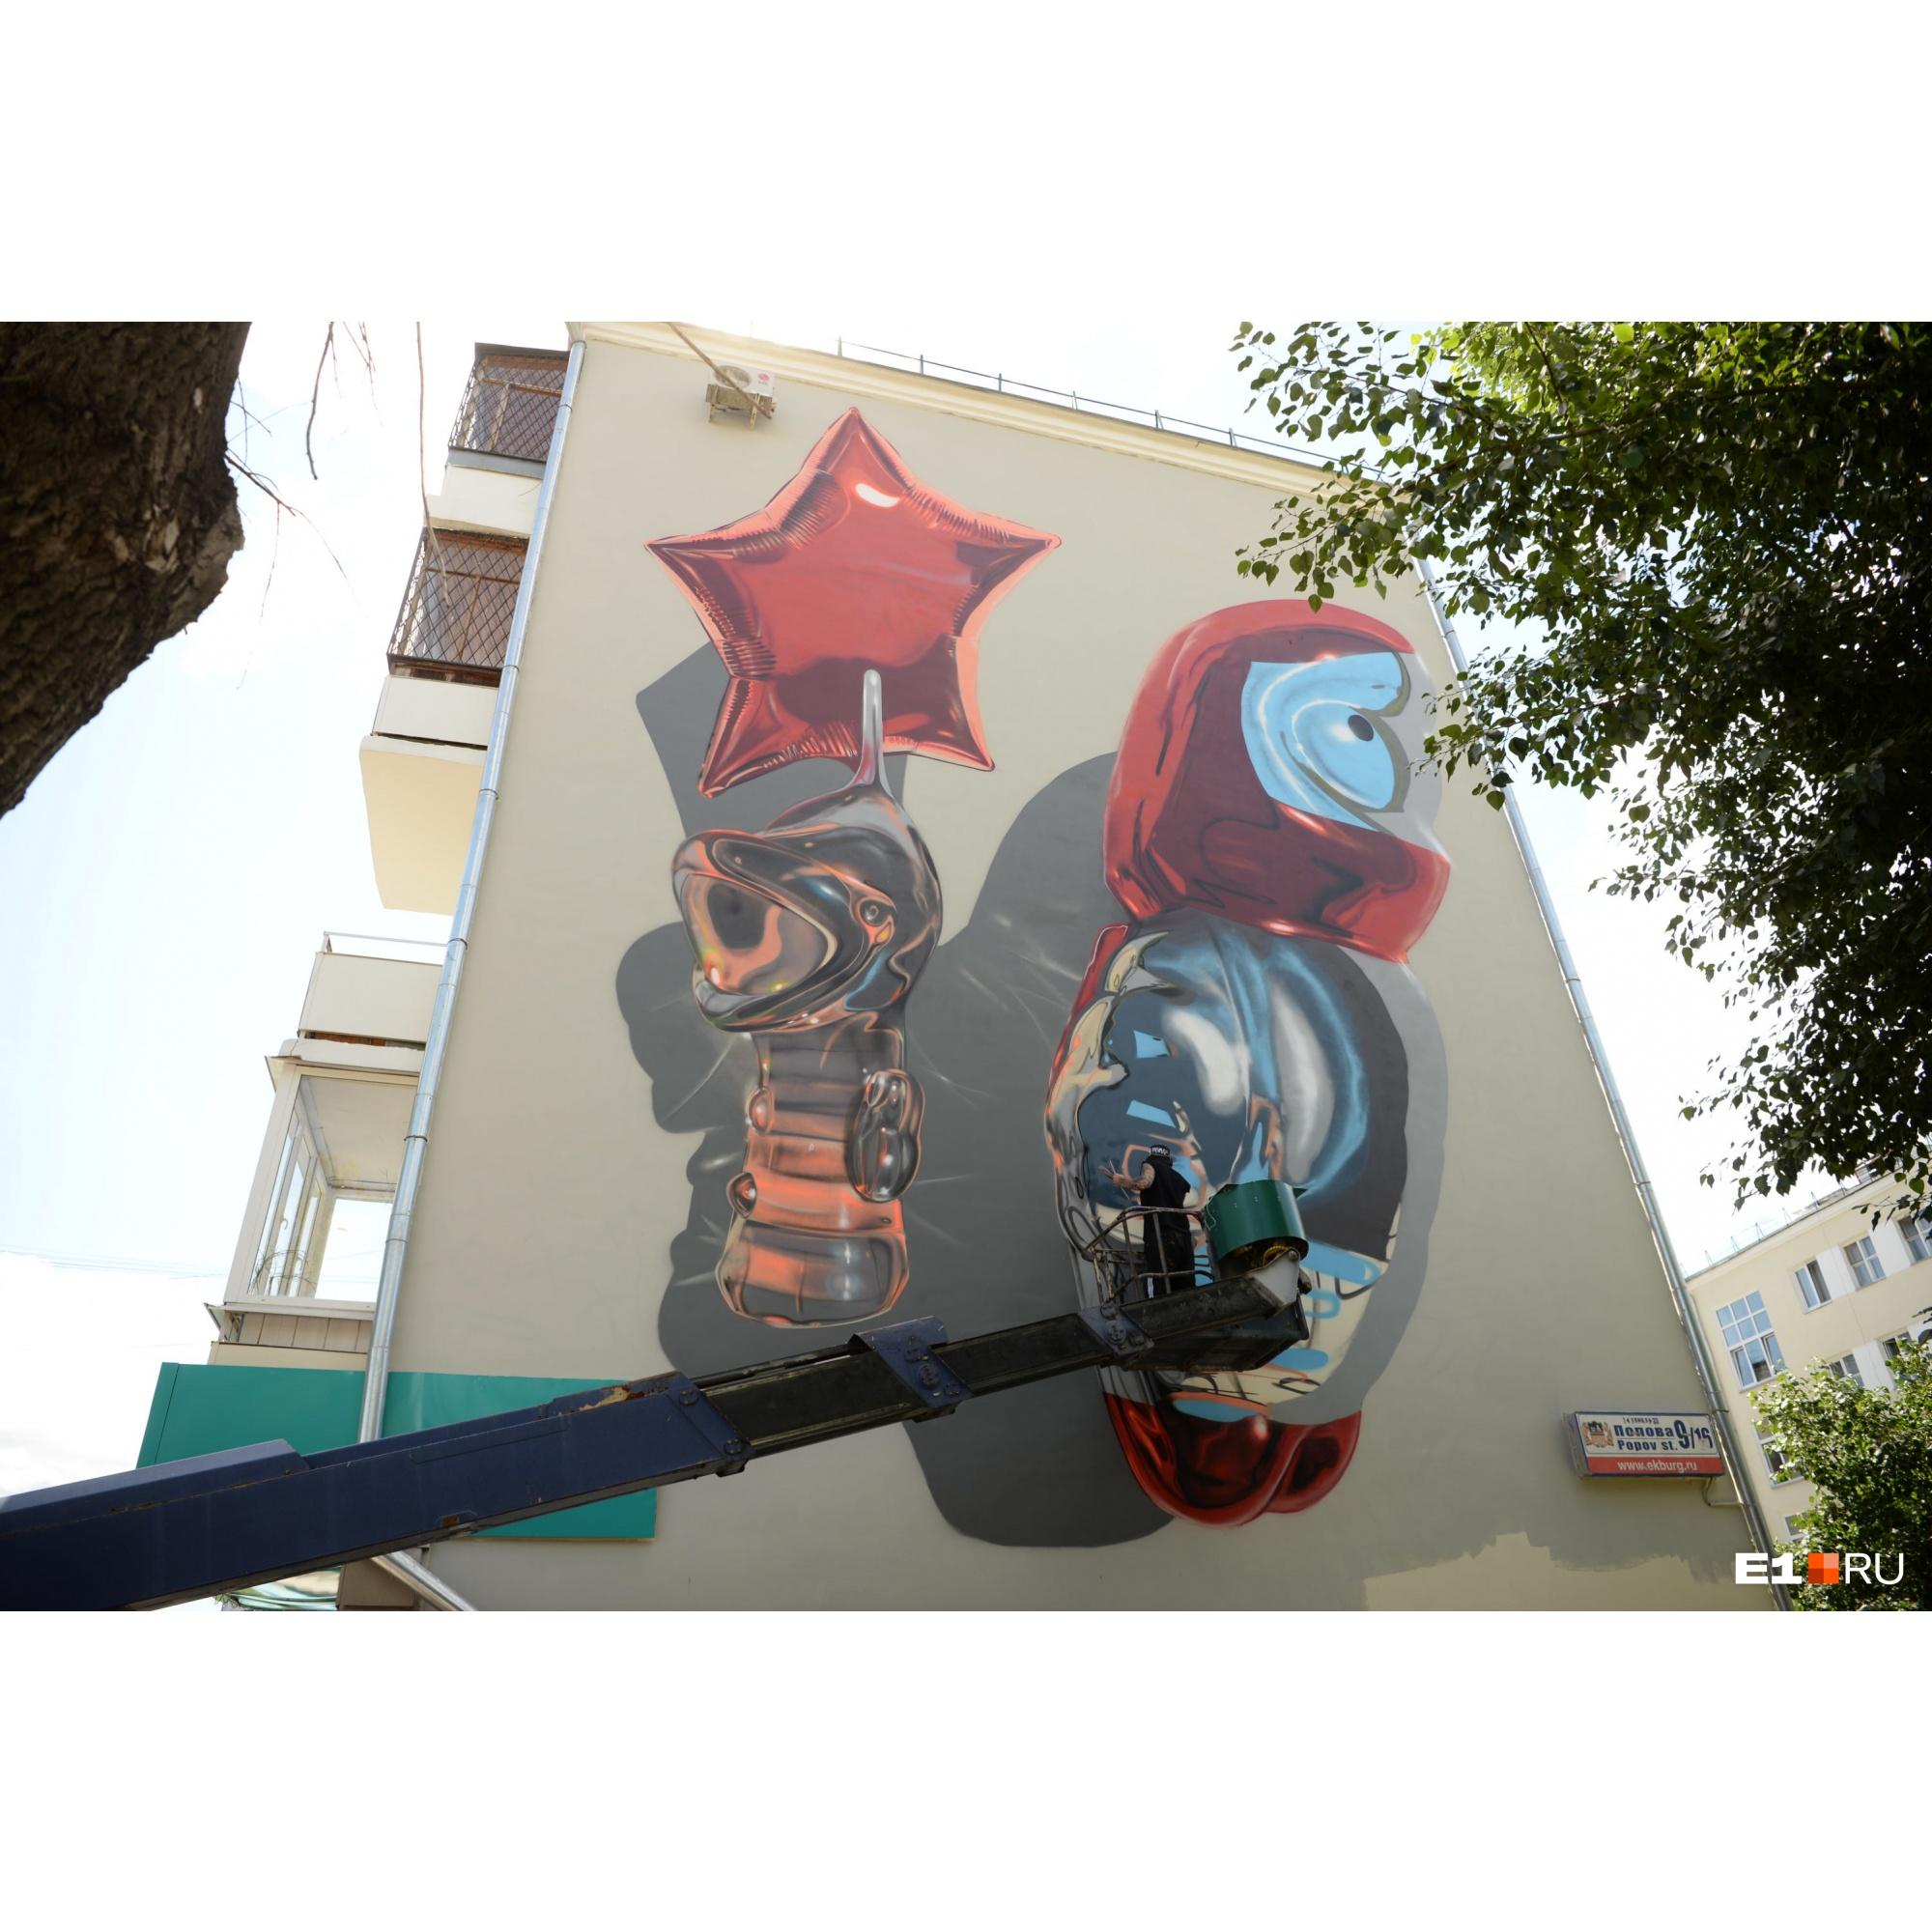 Уличный художник из Лондона Fanakapan на Попова, 9 изобразил космическую елочную игрушку времен СССР